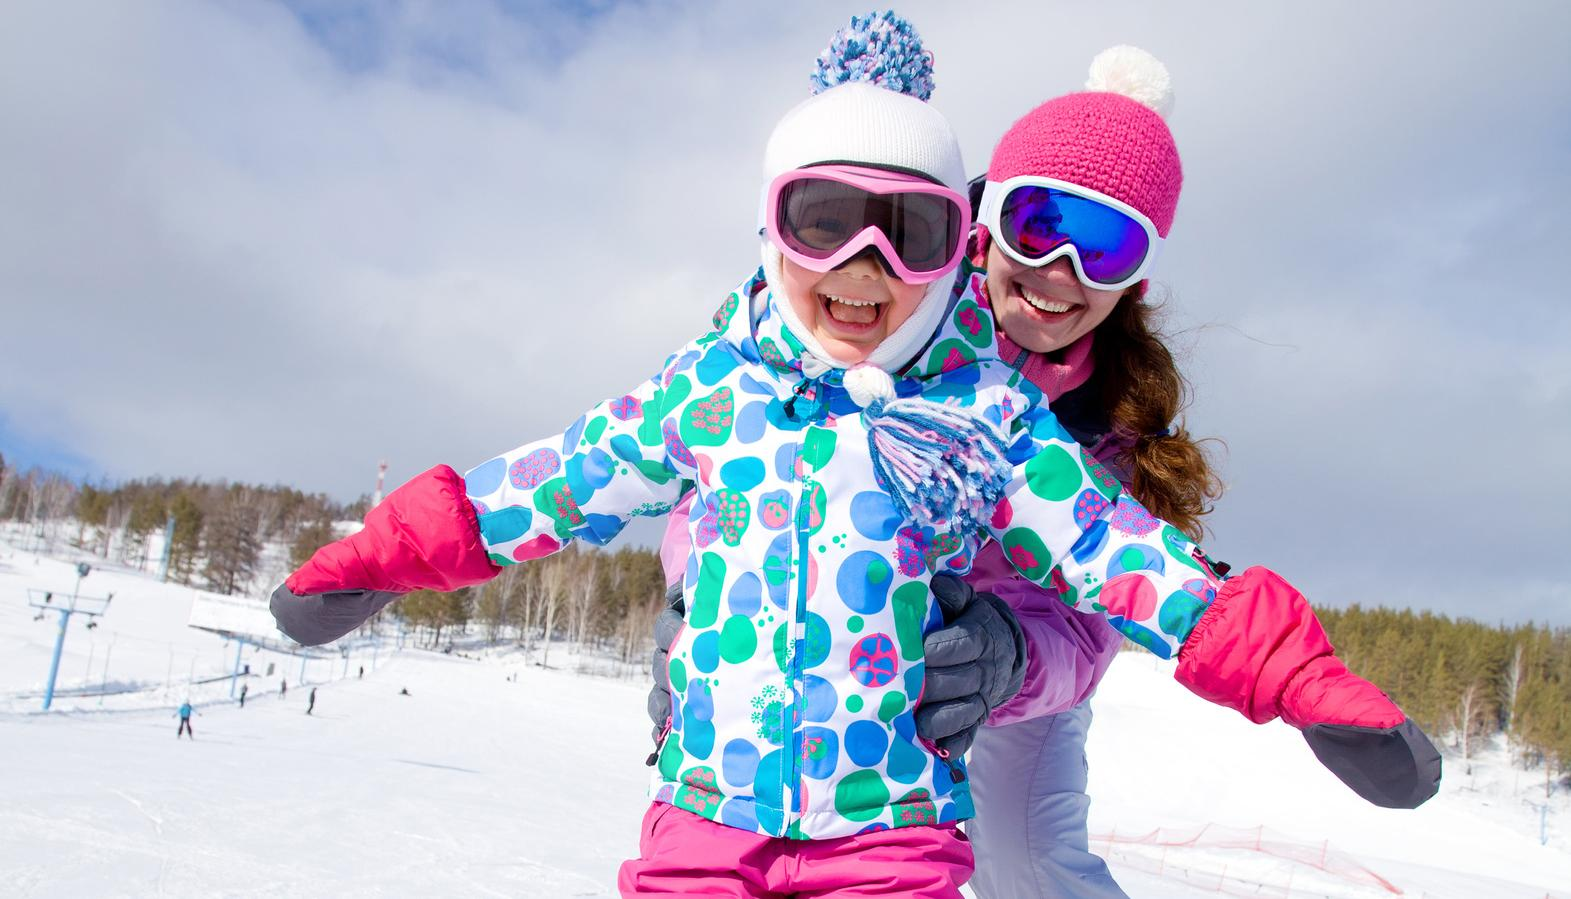 Cours particulier de ski Enfants - Avancé